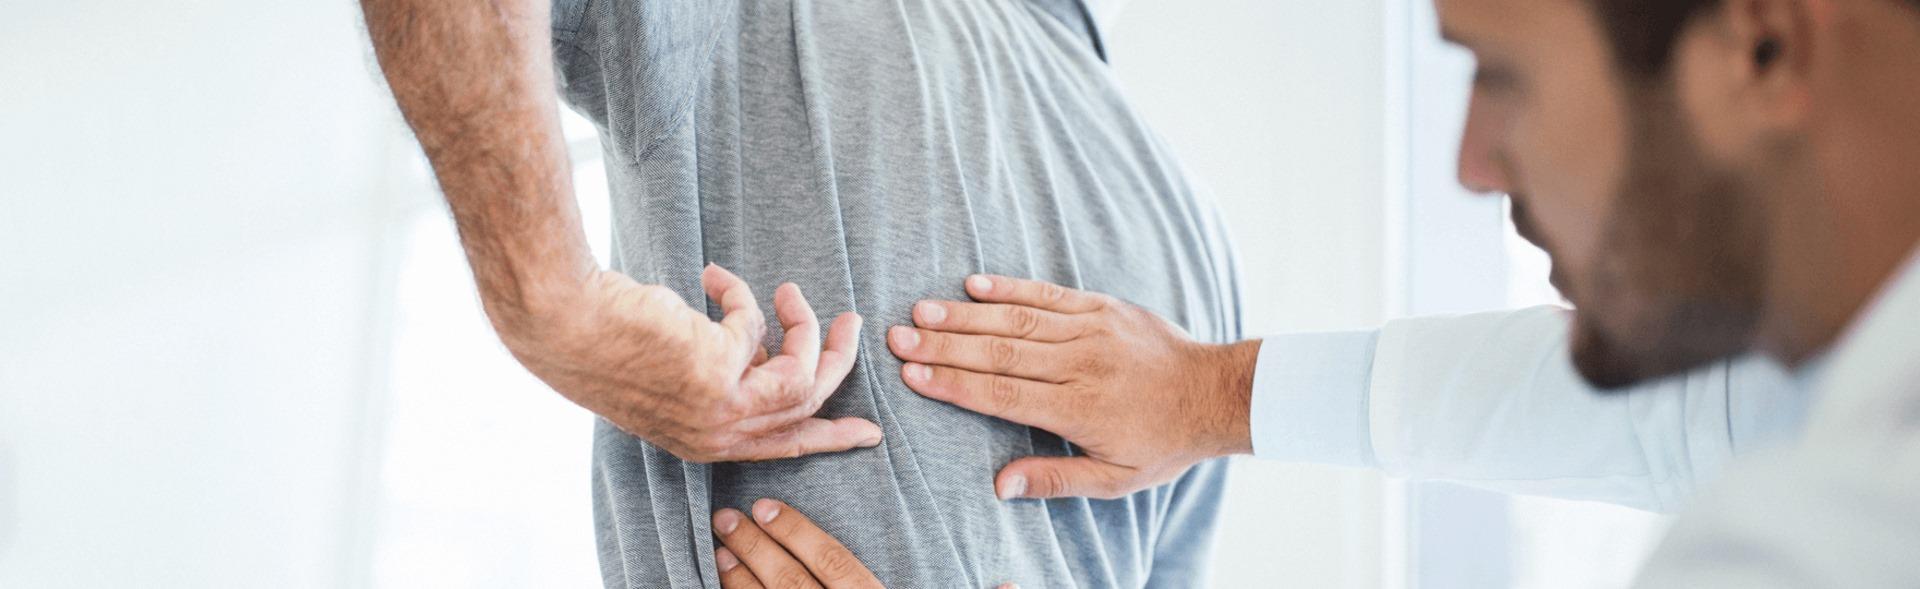 Spondylitis ankylopoetica (AS) - Diagnose